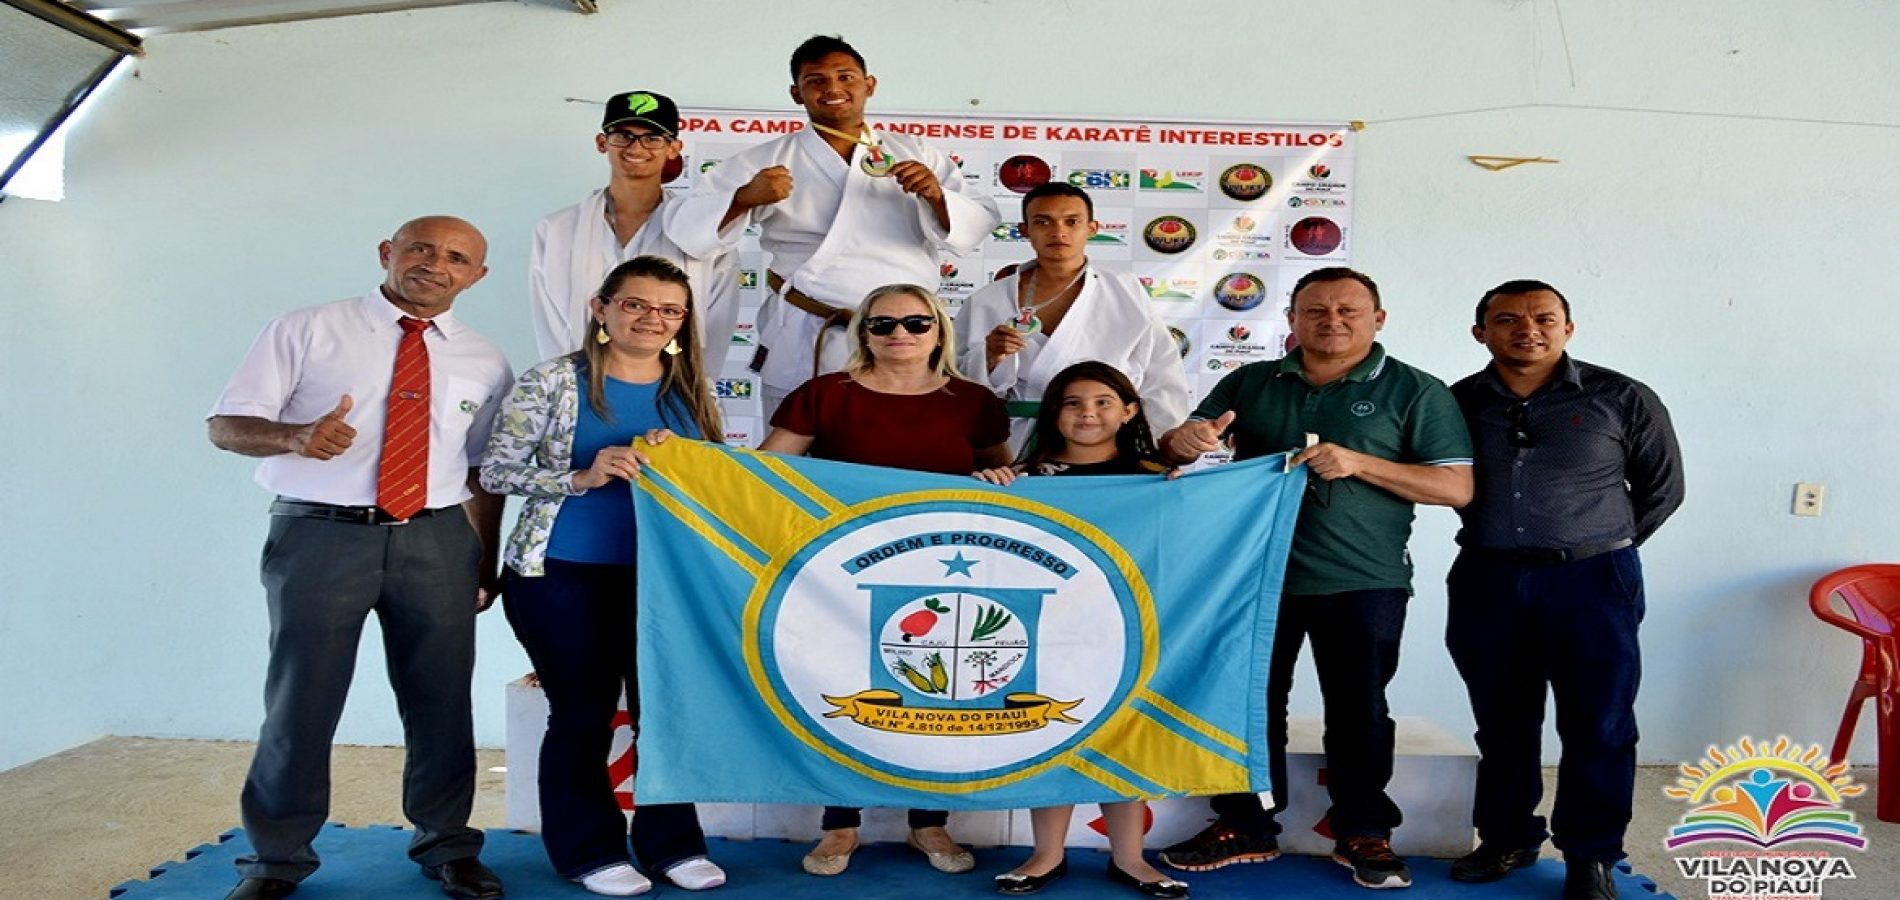 Vilanovenses são medalhistas na 1ª copa de Karatê Interestilos em Campo Grande do Piauí